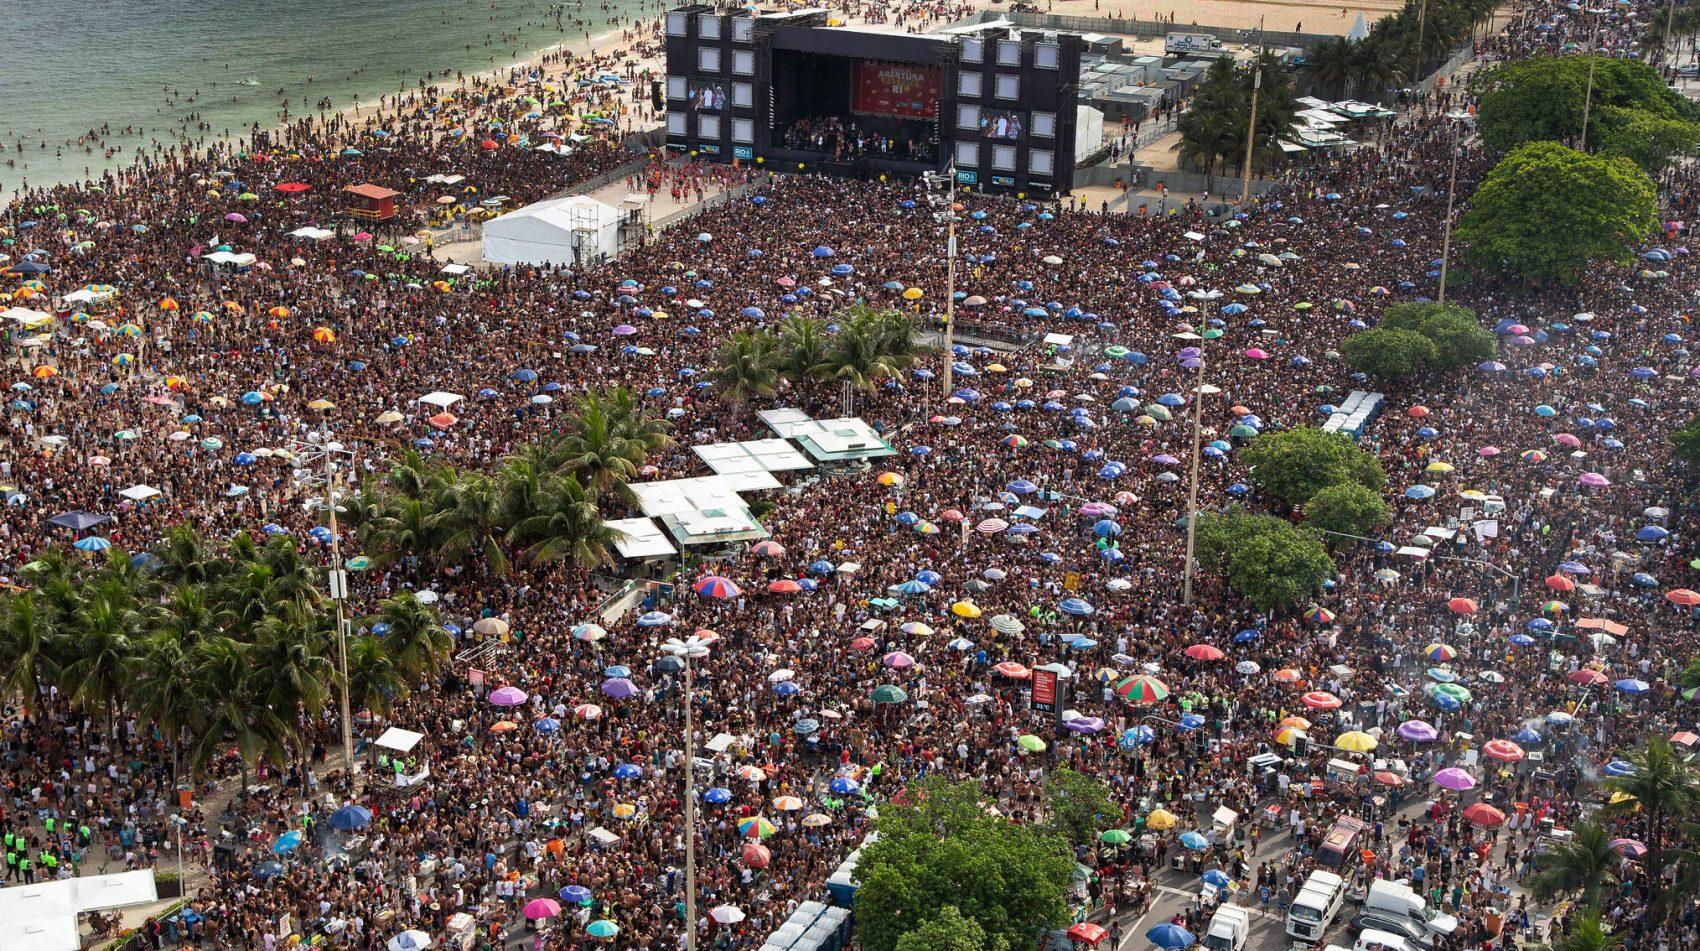 Multidão na apresentação do Bloco da Favorita em Copacabana: oposição dos moradores do bairro e do Ministério Público, alertando par transtornos, não conseguiu impedir evento (Foto: Fernndo Maia/Riotur)